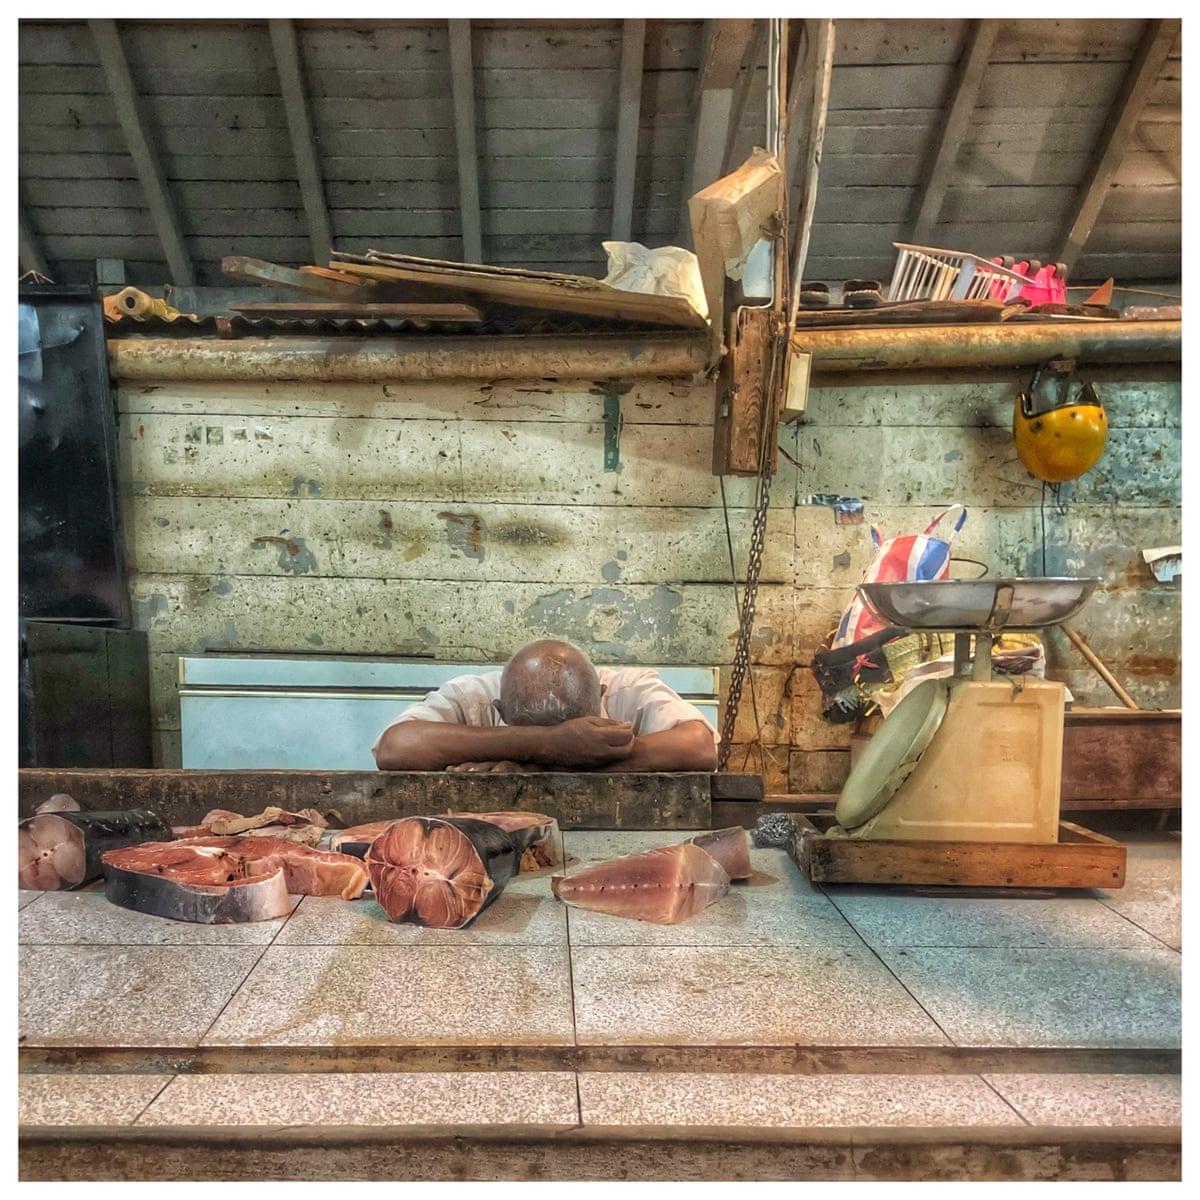 Βραβείο στην κατηγορία Smart (φωτογραφία τραβηγμένη από κινητό ή τάμπλετ). Ψαροπώλης κάνει διάλειμμα στην αγορά του Πορ Λουί στον Μαυρίκιο: μία στιγμή ηρεμίας μετά το πέρασμα του κυκλώνα Berguitta που σάρωσε τη χώρα